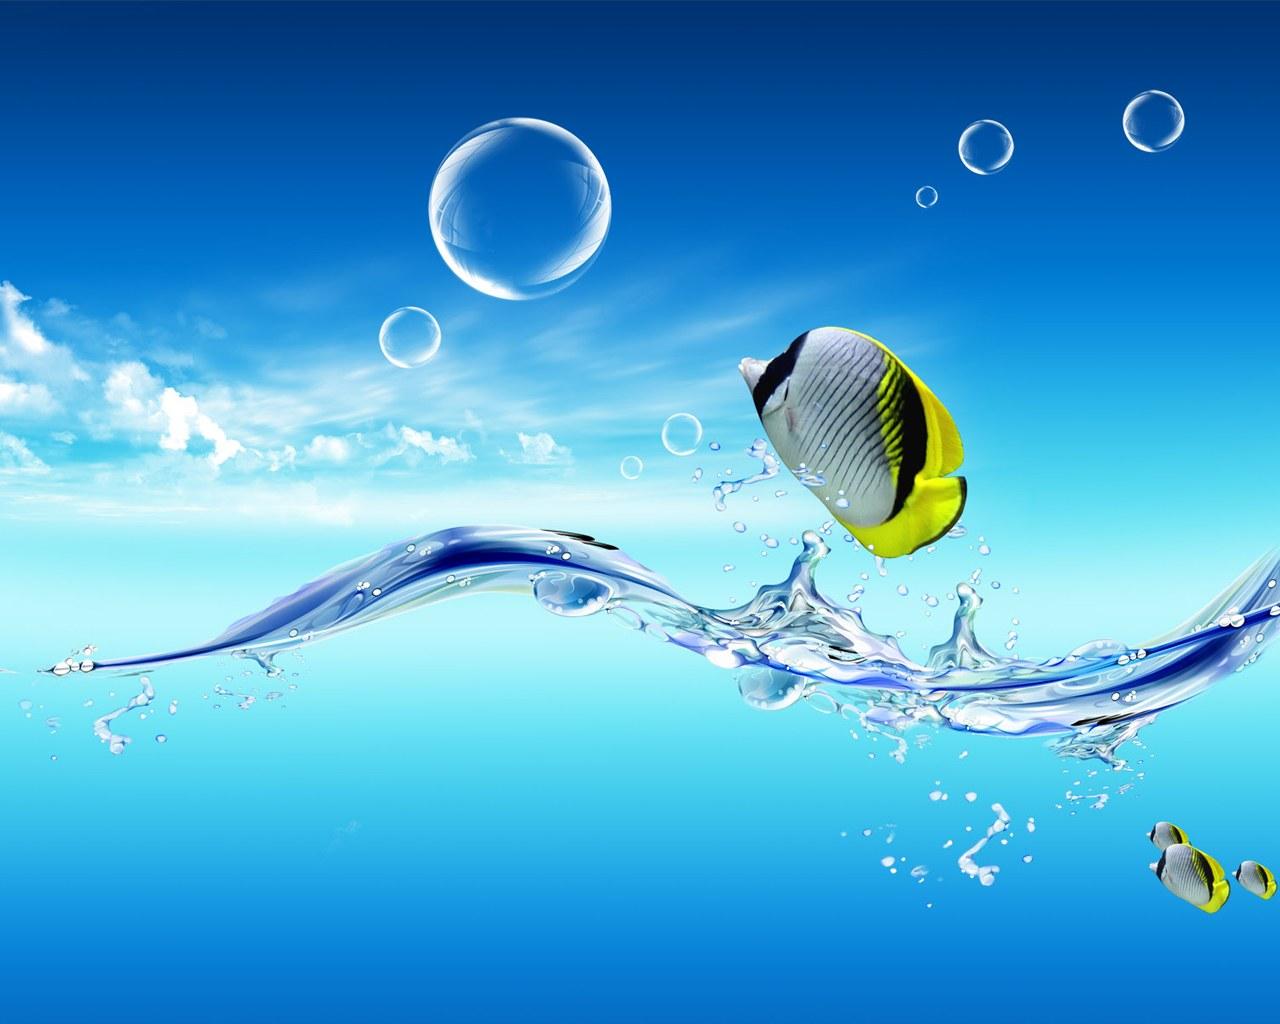 рыбы, голубая вода, море. лето, скачать фото